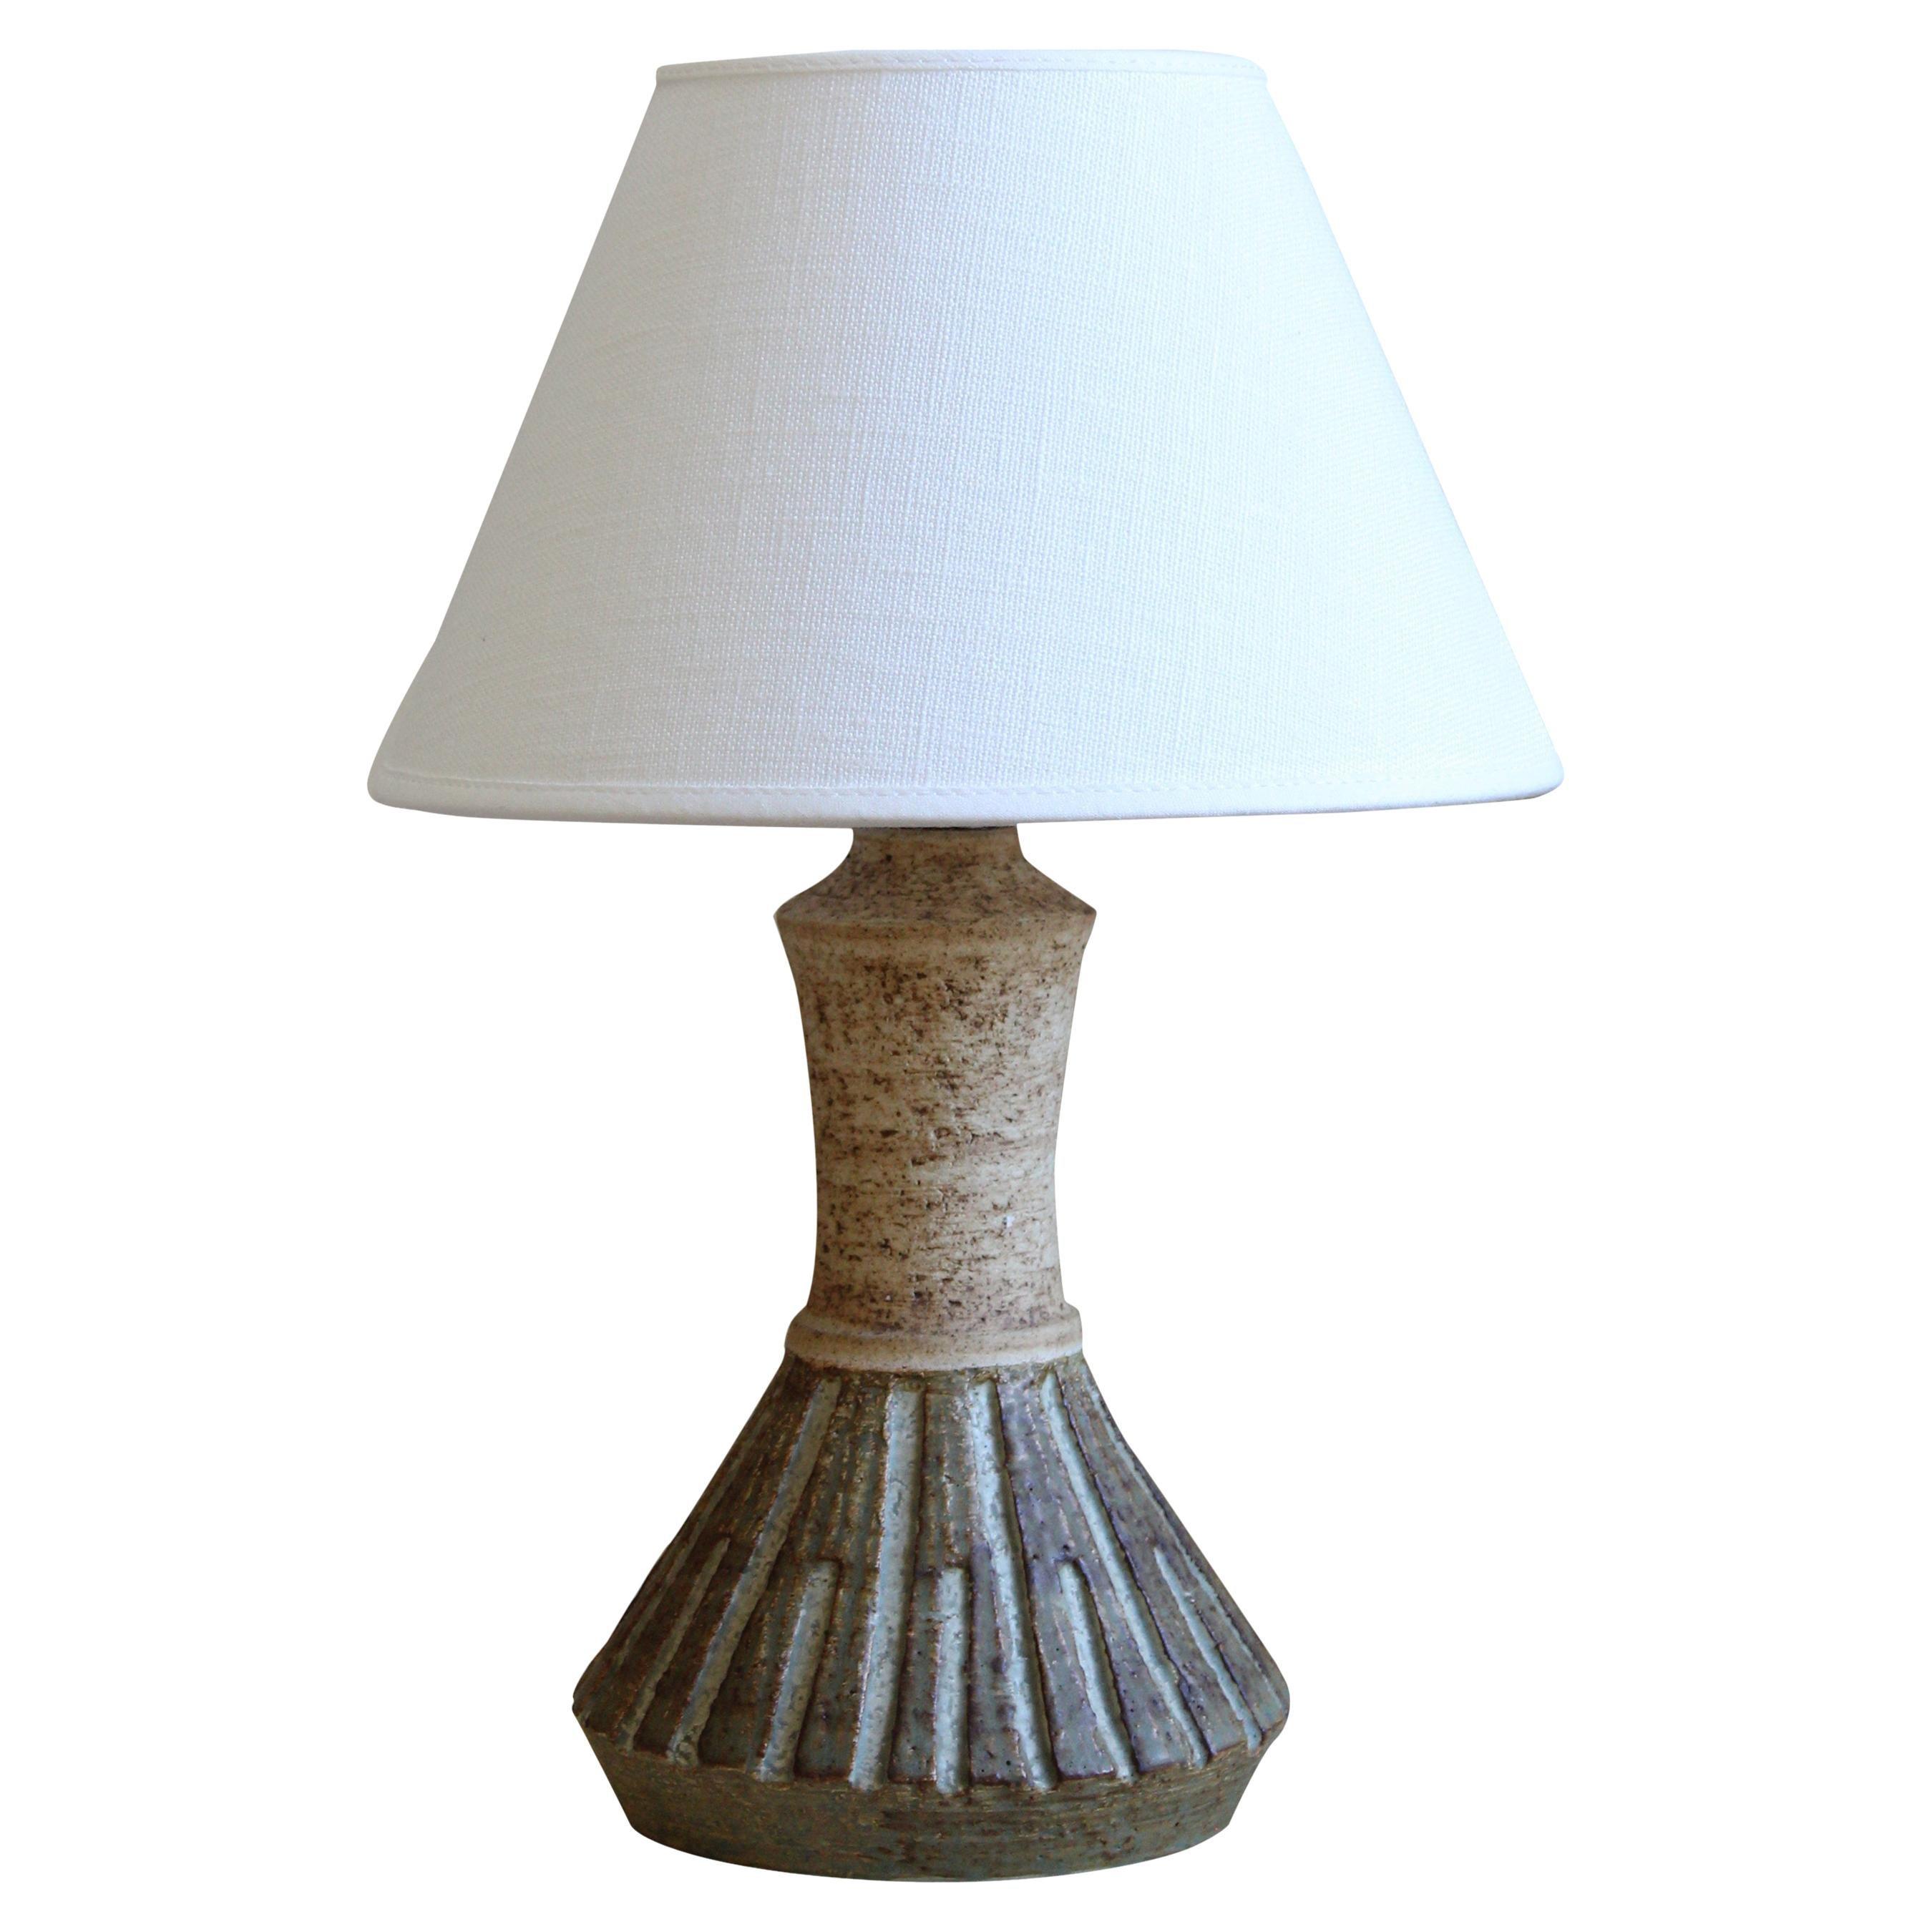 Chris Haslev, Table Lamp, Stoneware, Linen, Denmark, 1960s